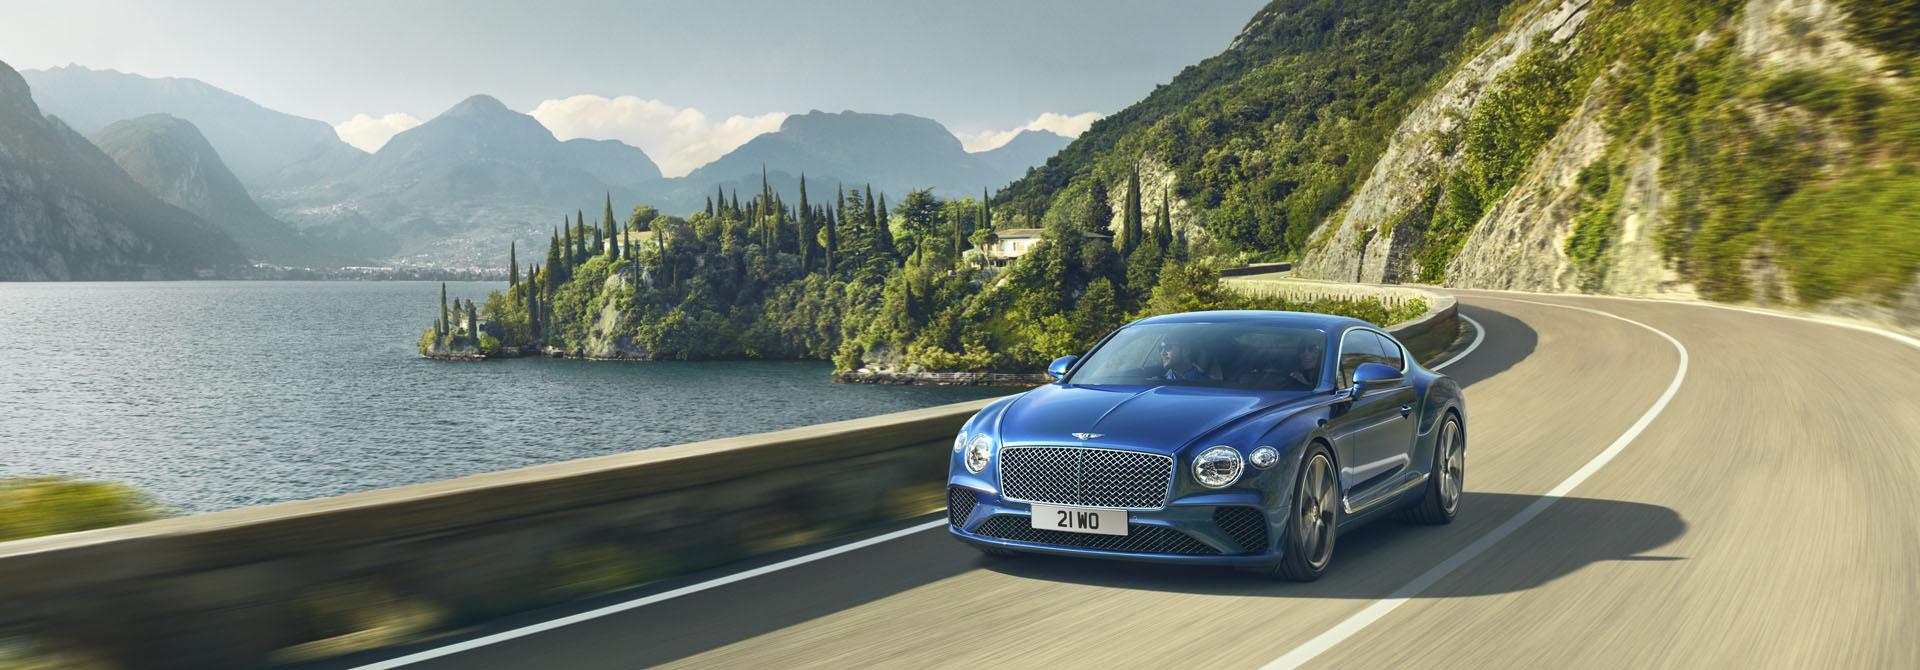 بنتلي كونتيننتال GT الجديدة 2020